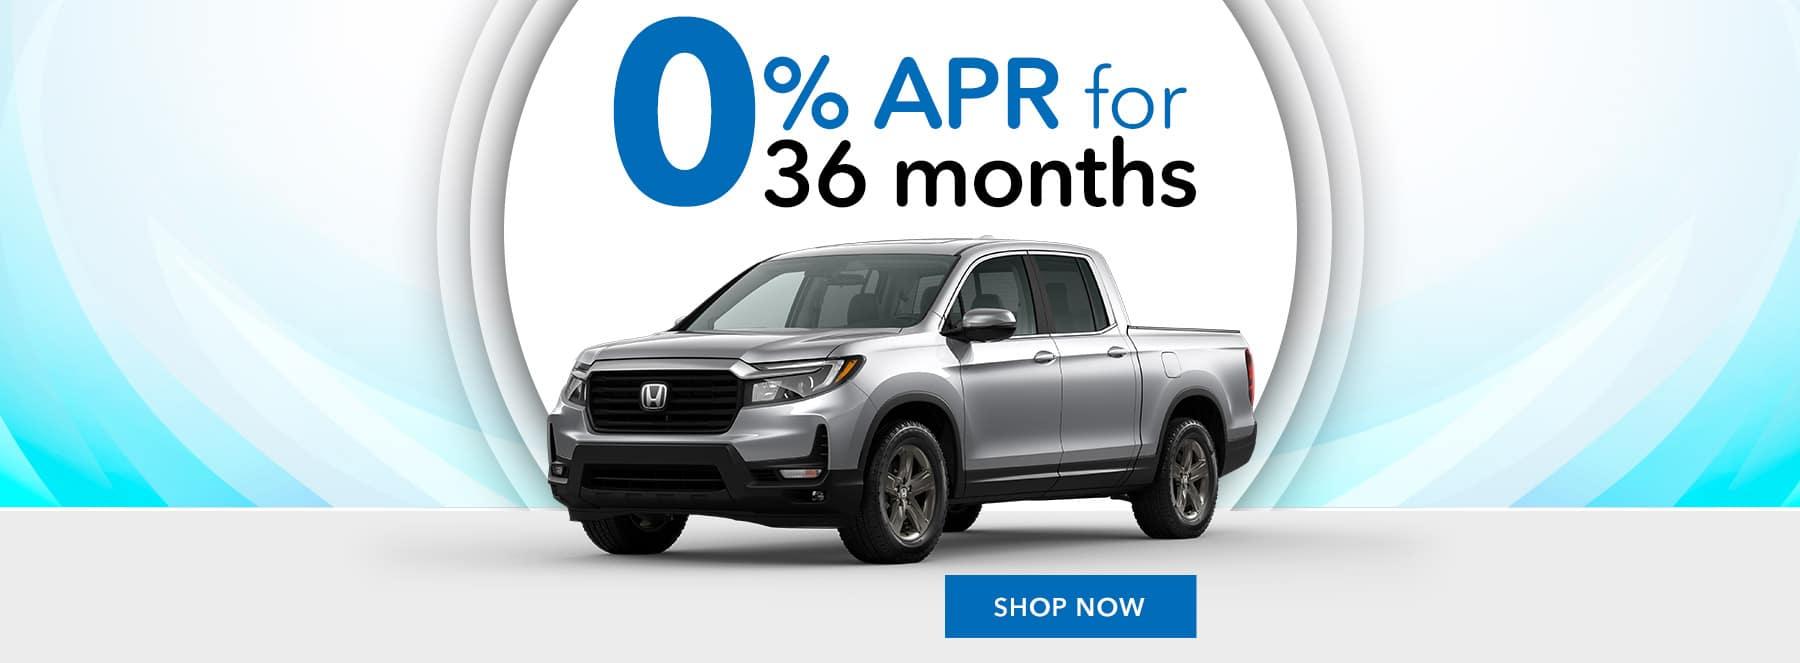 Honda 0%